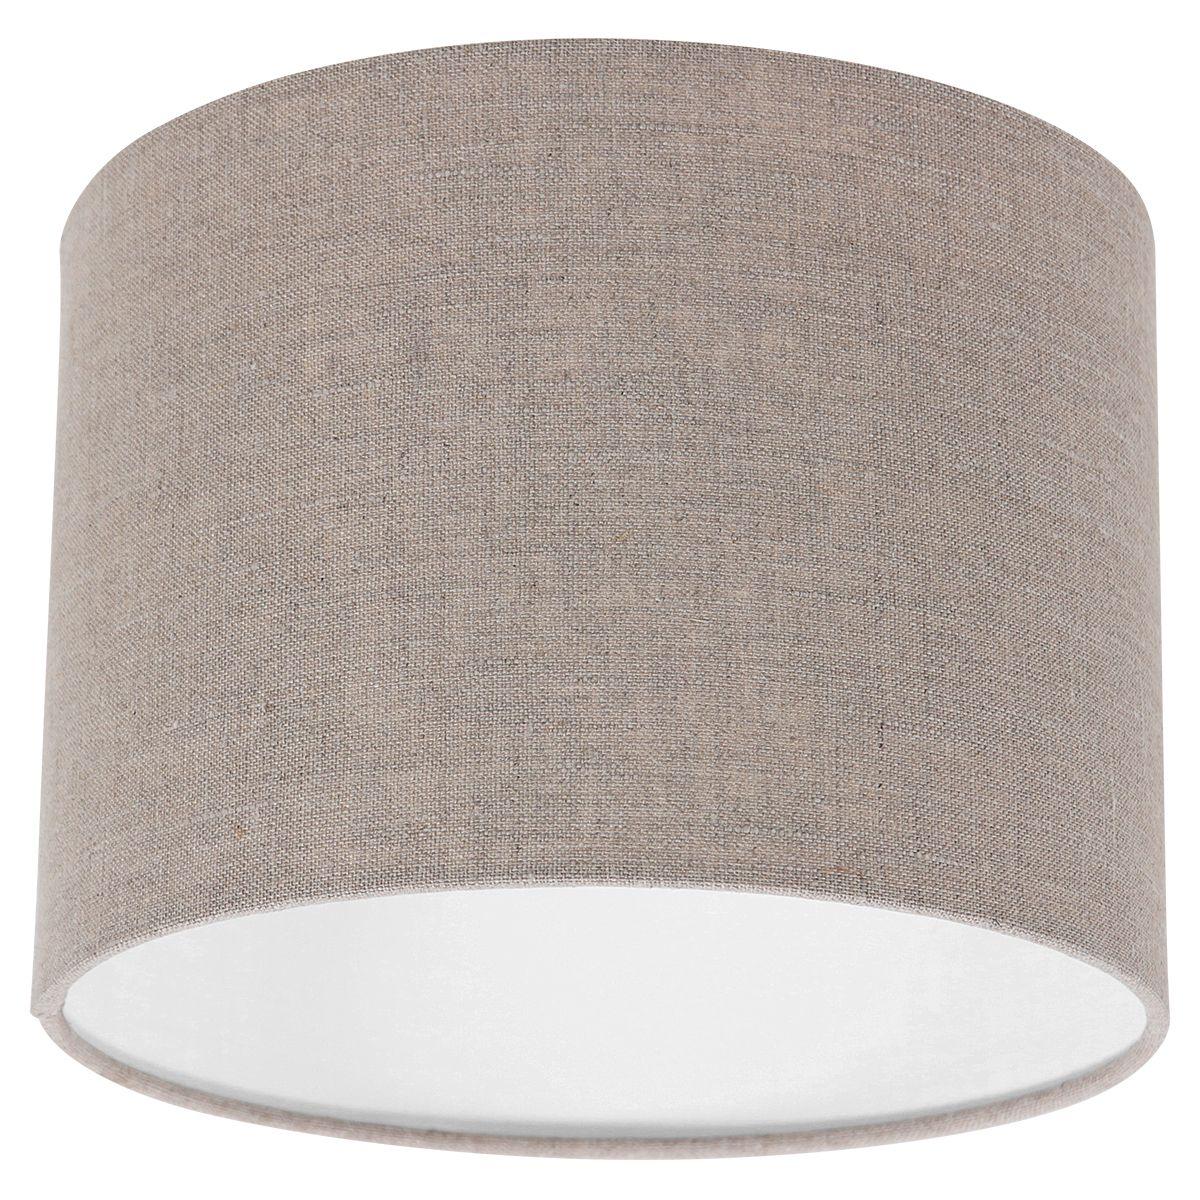 Steinhauer - Kap - lampenkap Ø 20 cm - linnen grijs